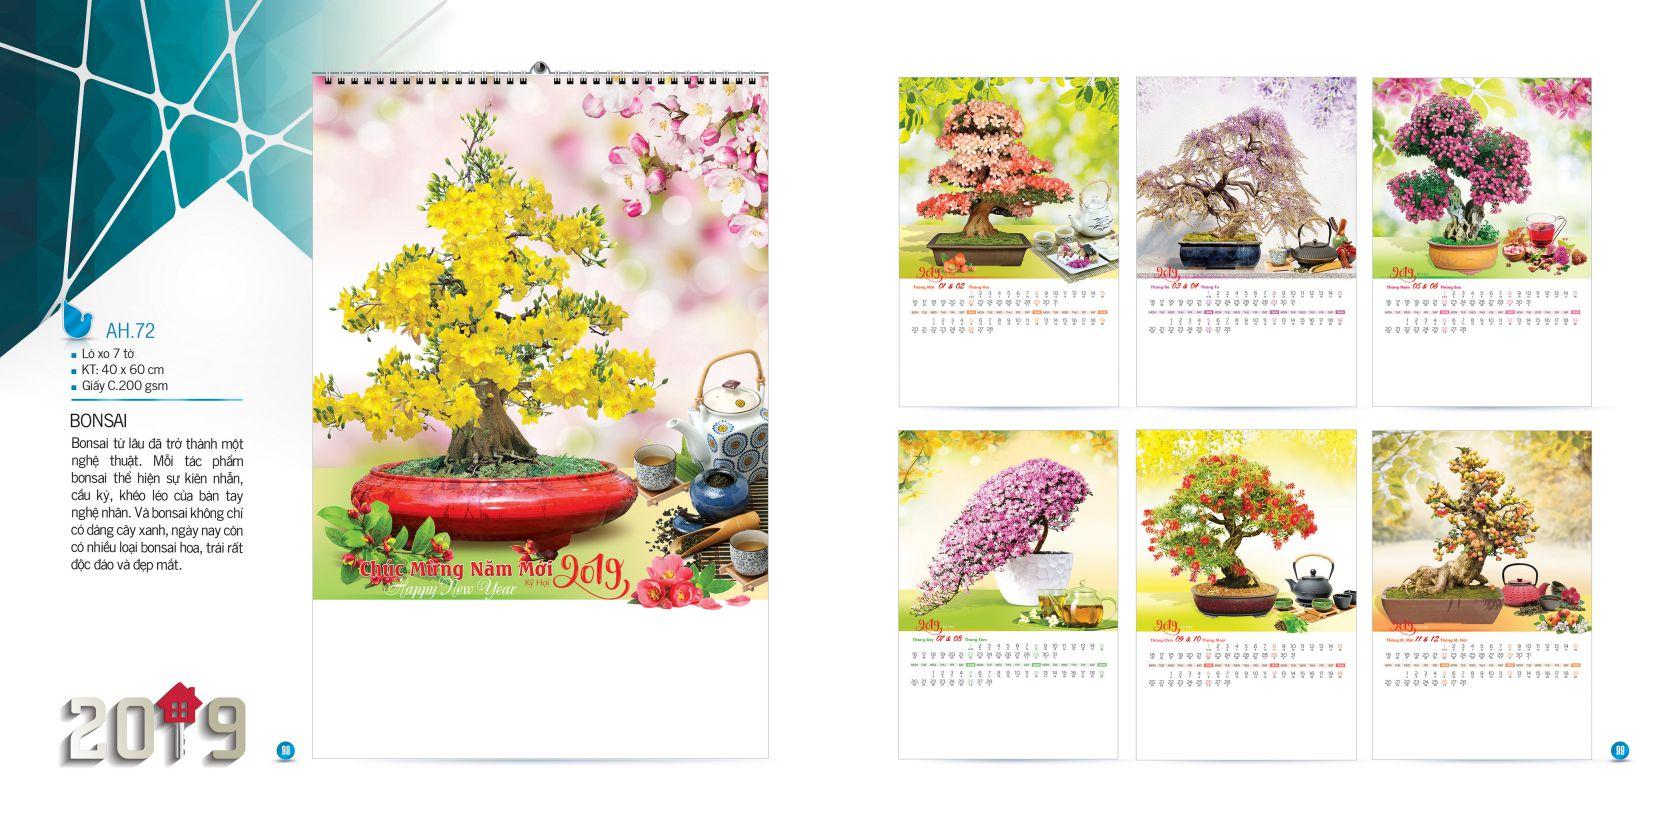 Đặt in lịch lò xo 7 tờ giá rẻ tại Hà Nội